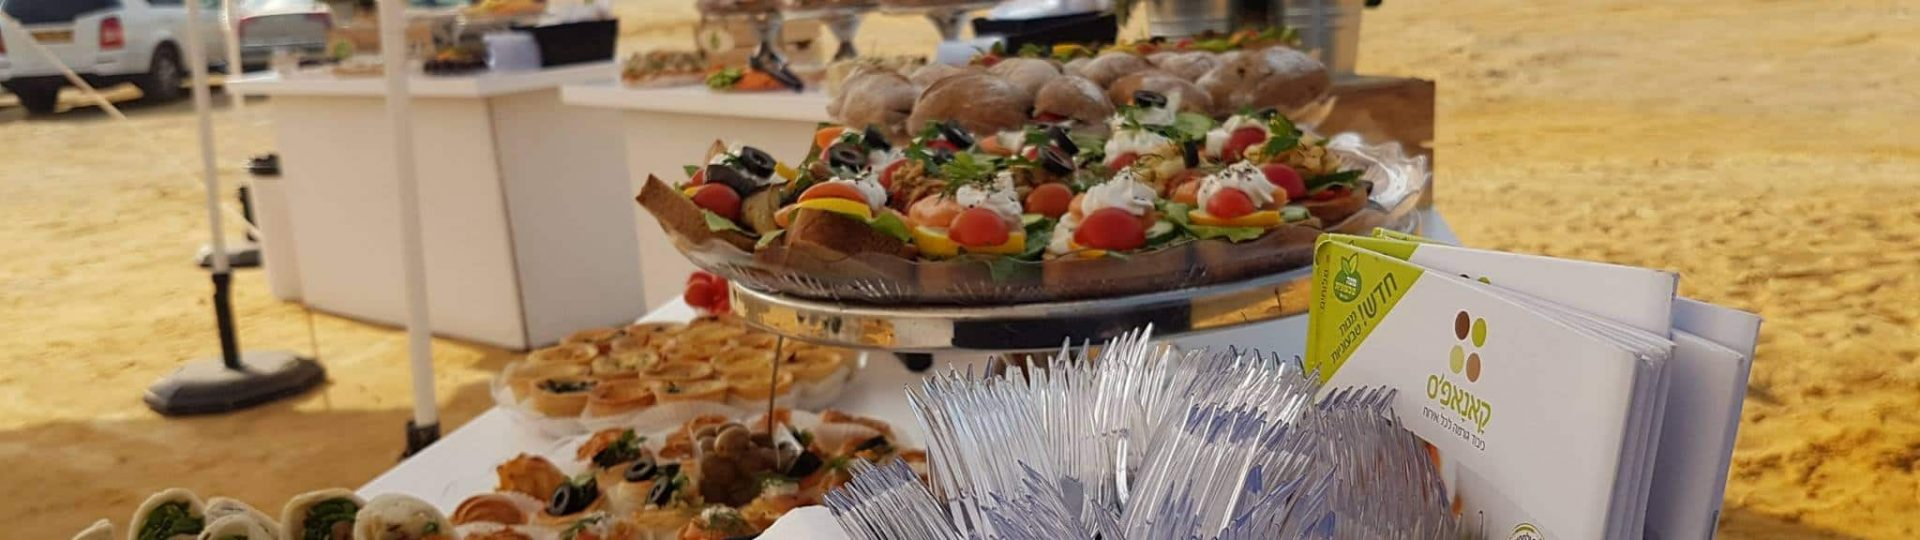 צילום של דוכני מזון של קאנאפ'ס, על רקע נוף מדברי